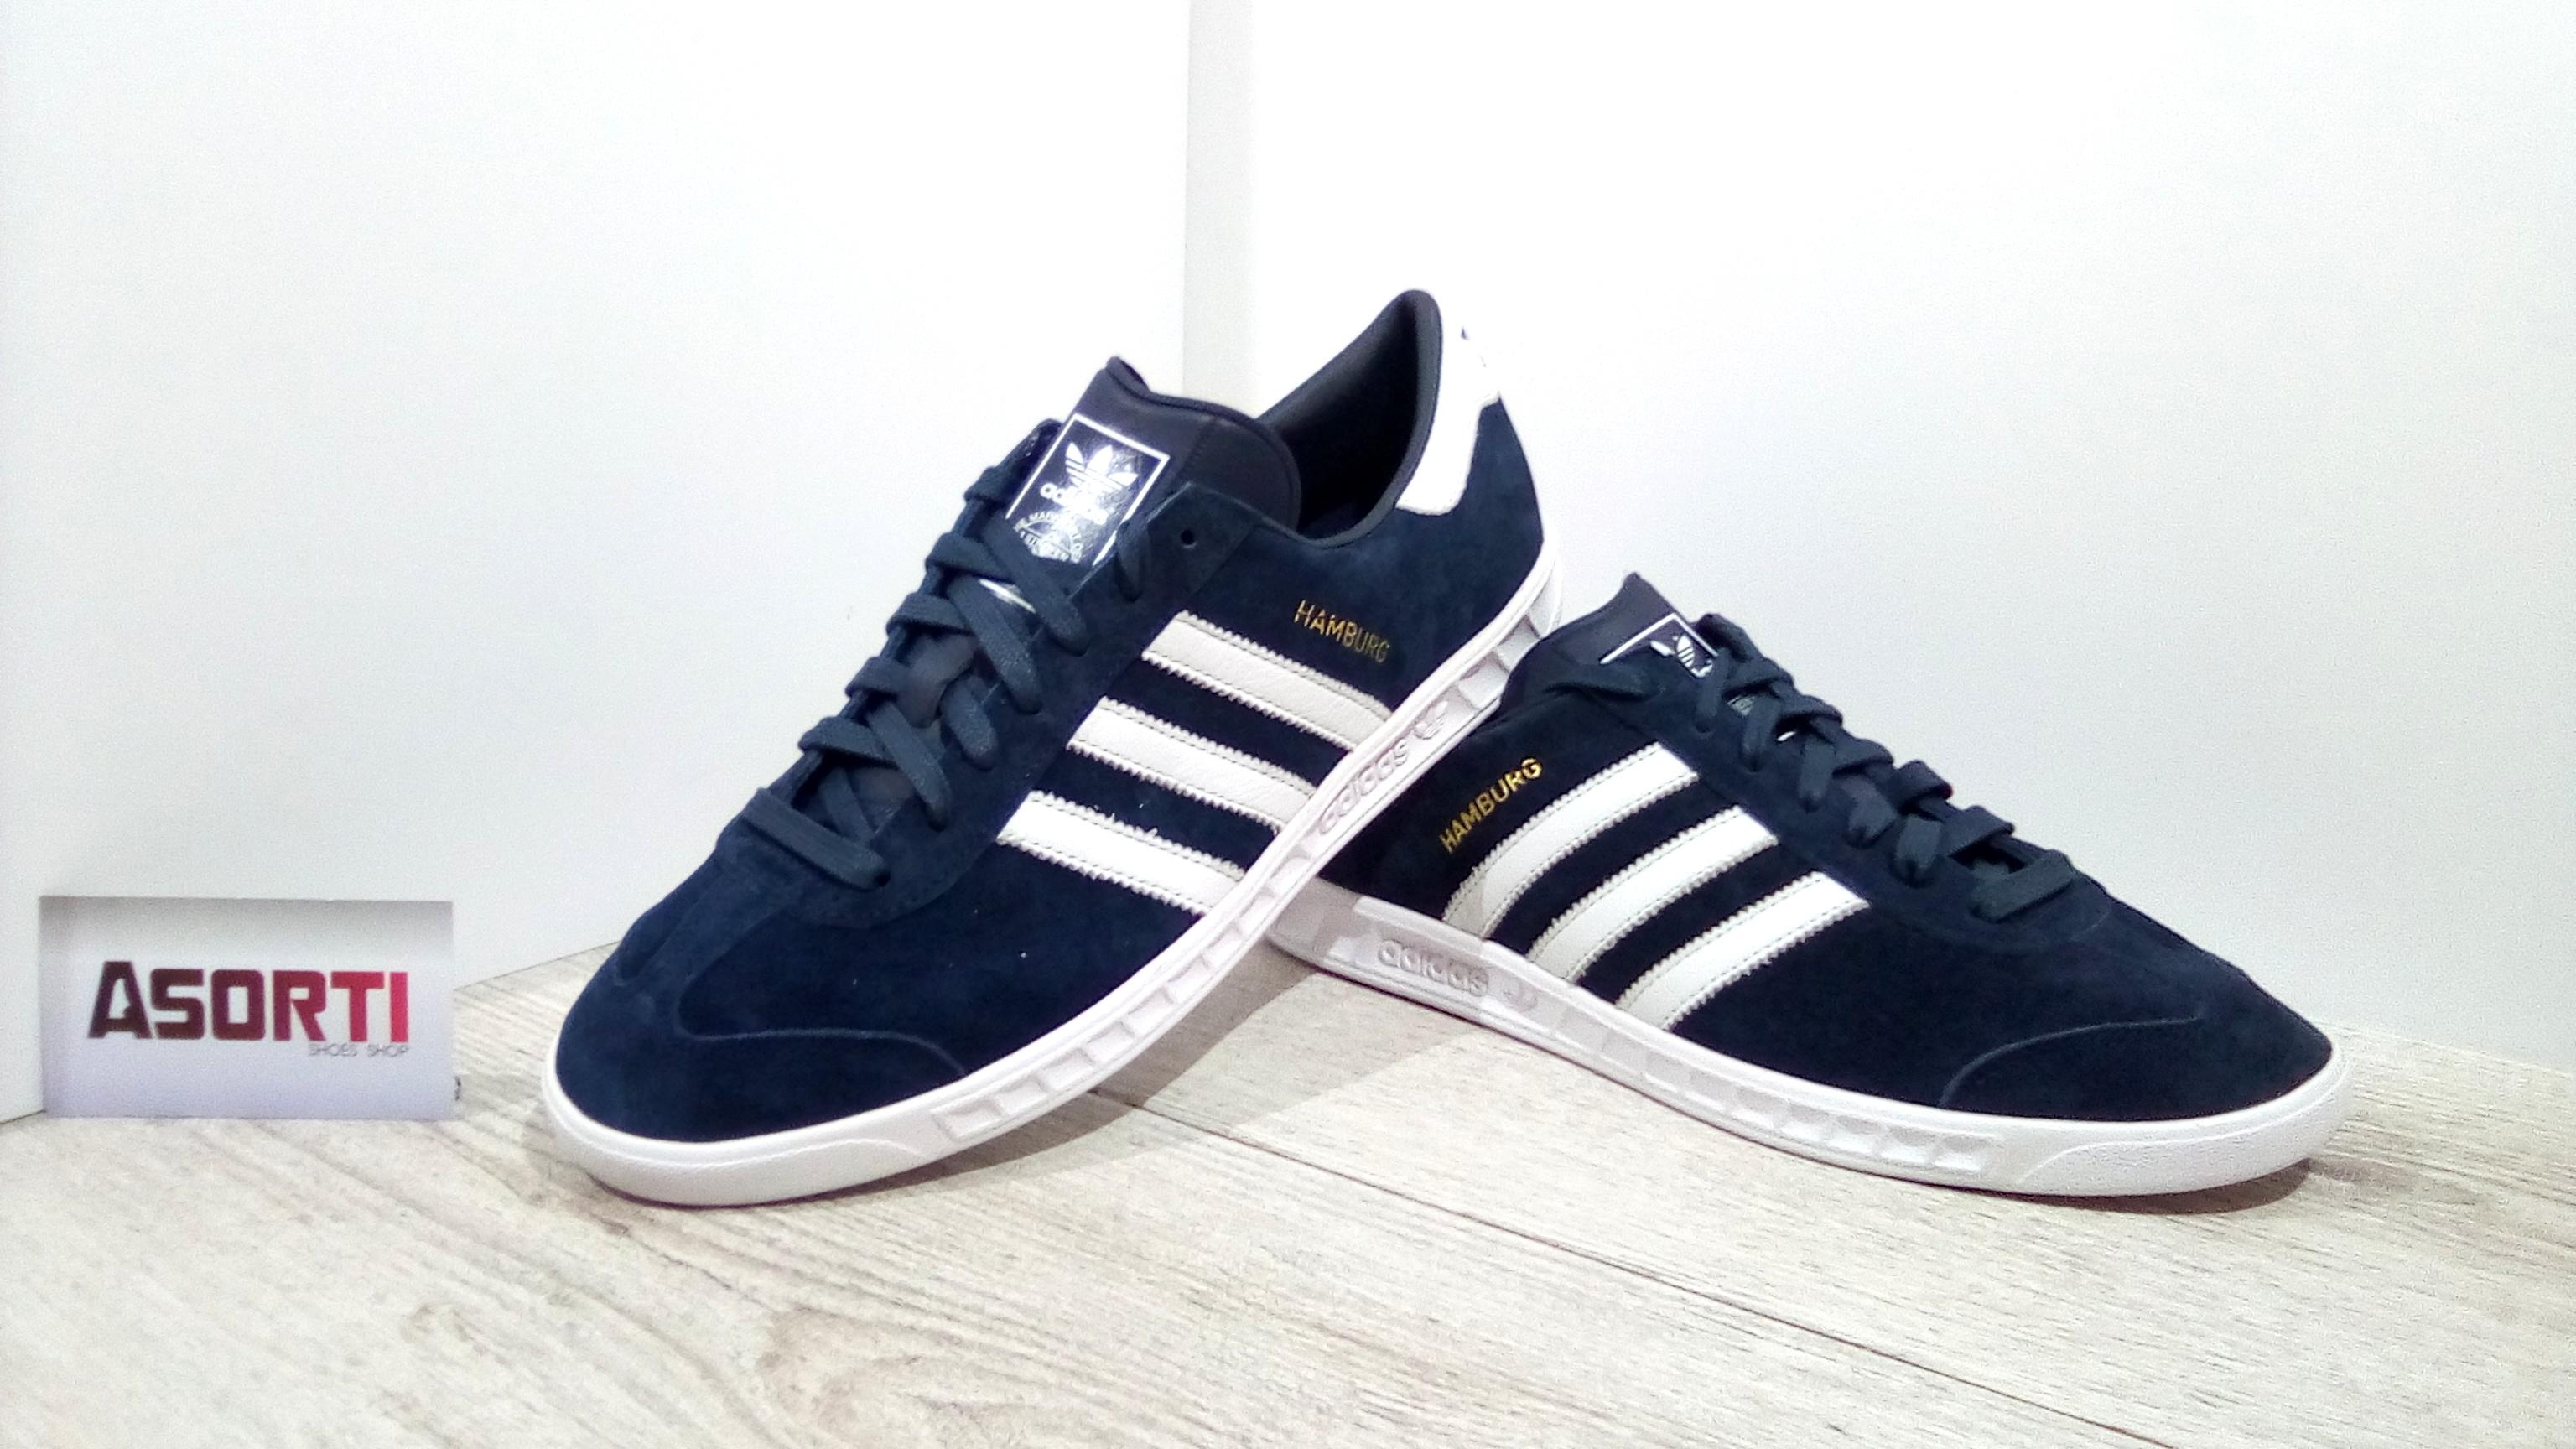 52cc89a05dd63f Чоловічі кросівки Adidas Originals Hamburg (S74838) темно-сині ...